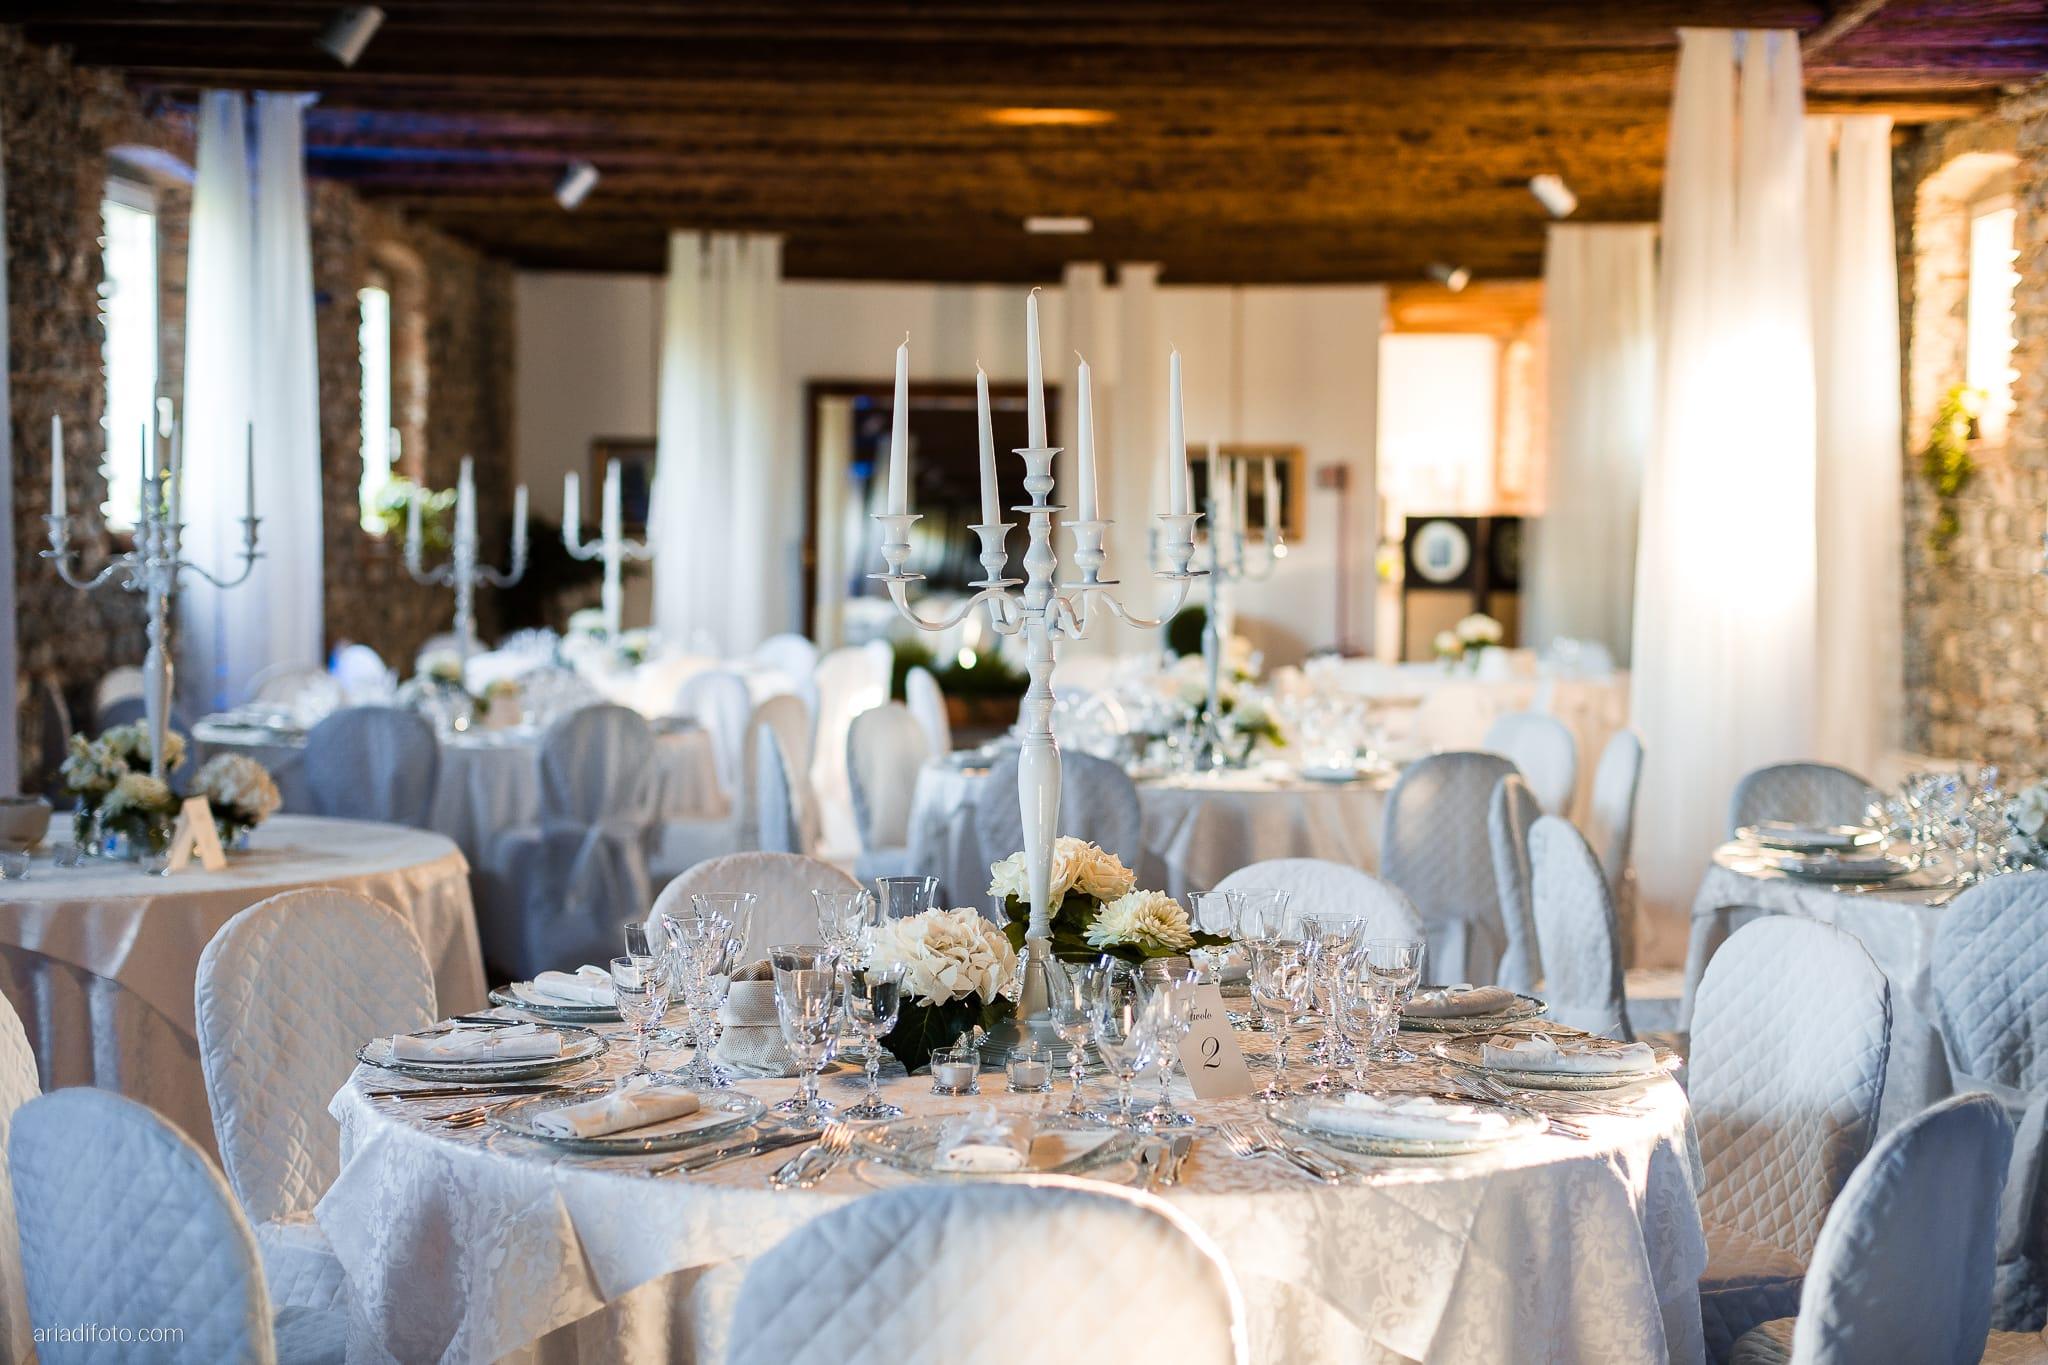 Lavinia Daniele Matrimonio Medea Gorizia Villa Elodia Trivignano Udinese Udine ricevimento dettagli sala decorazioni centrotavola allestimenti